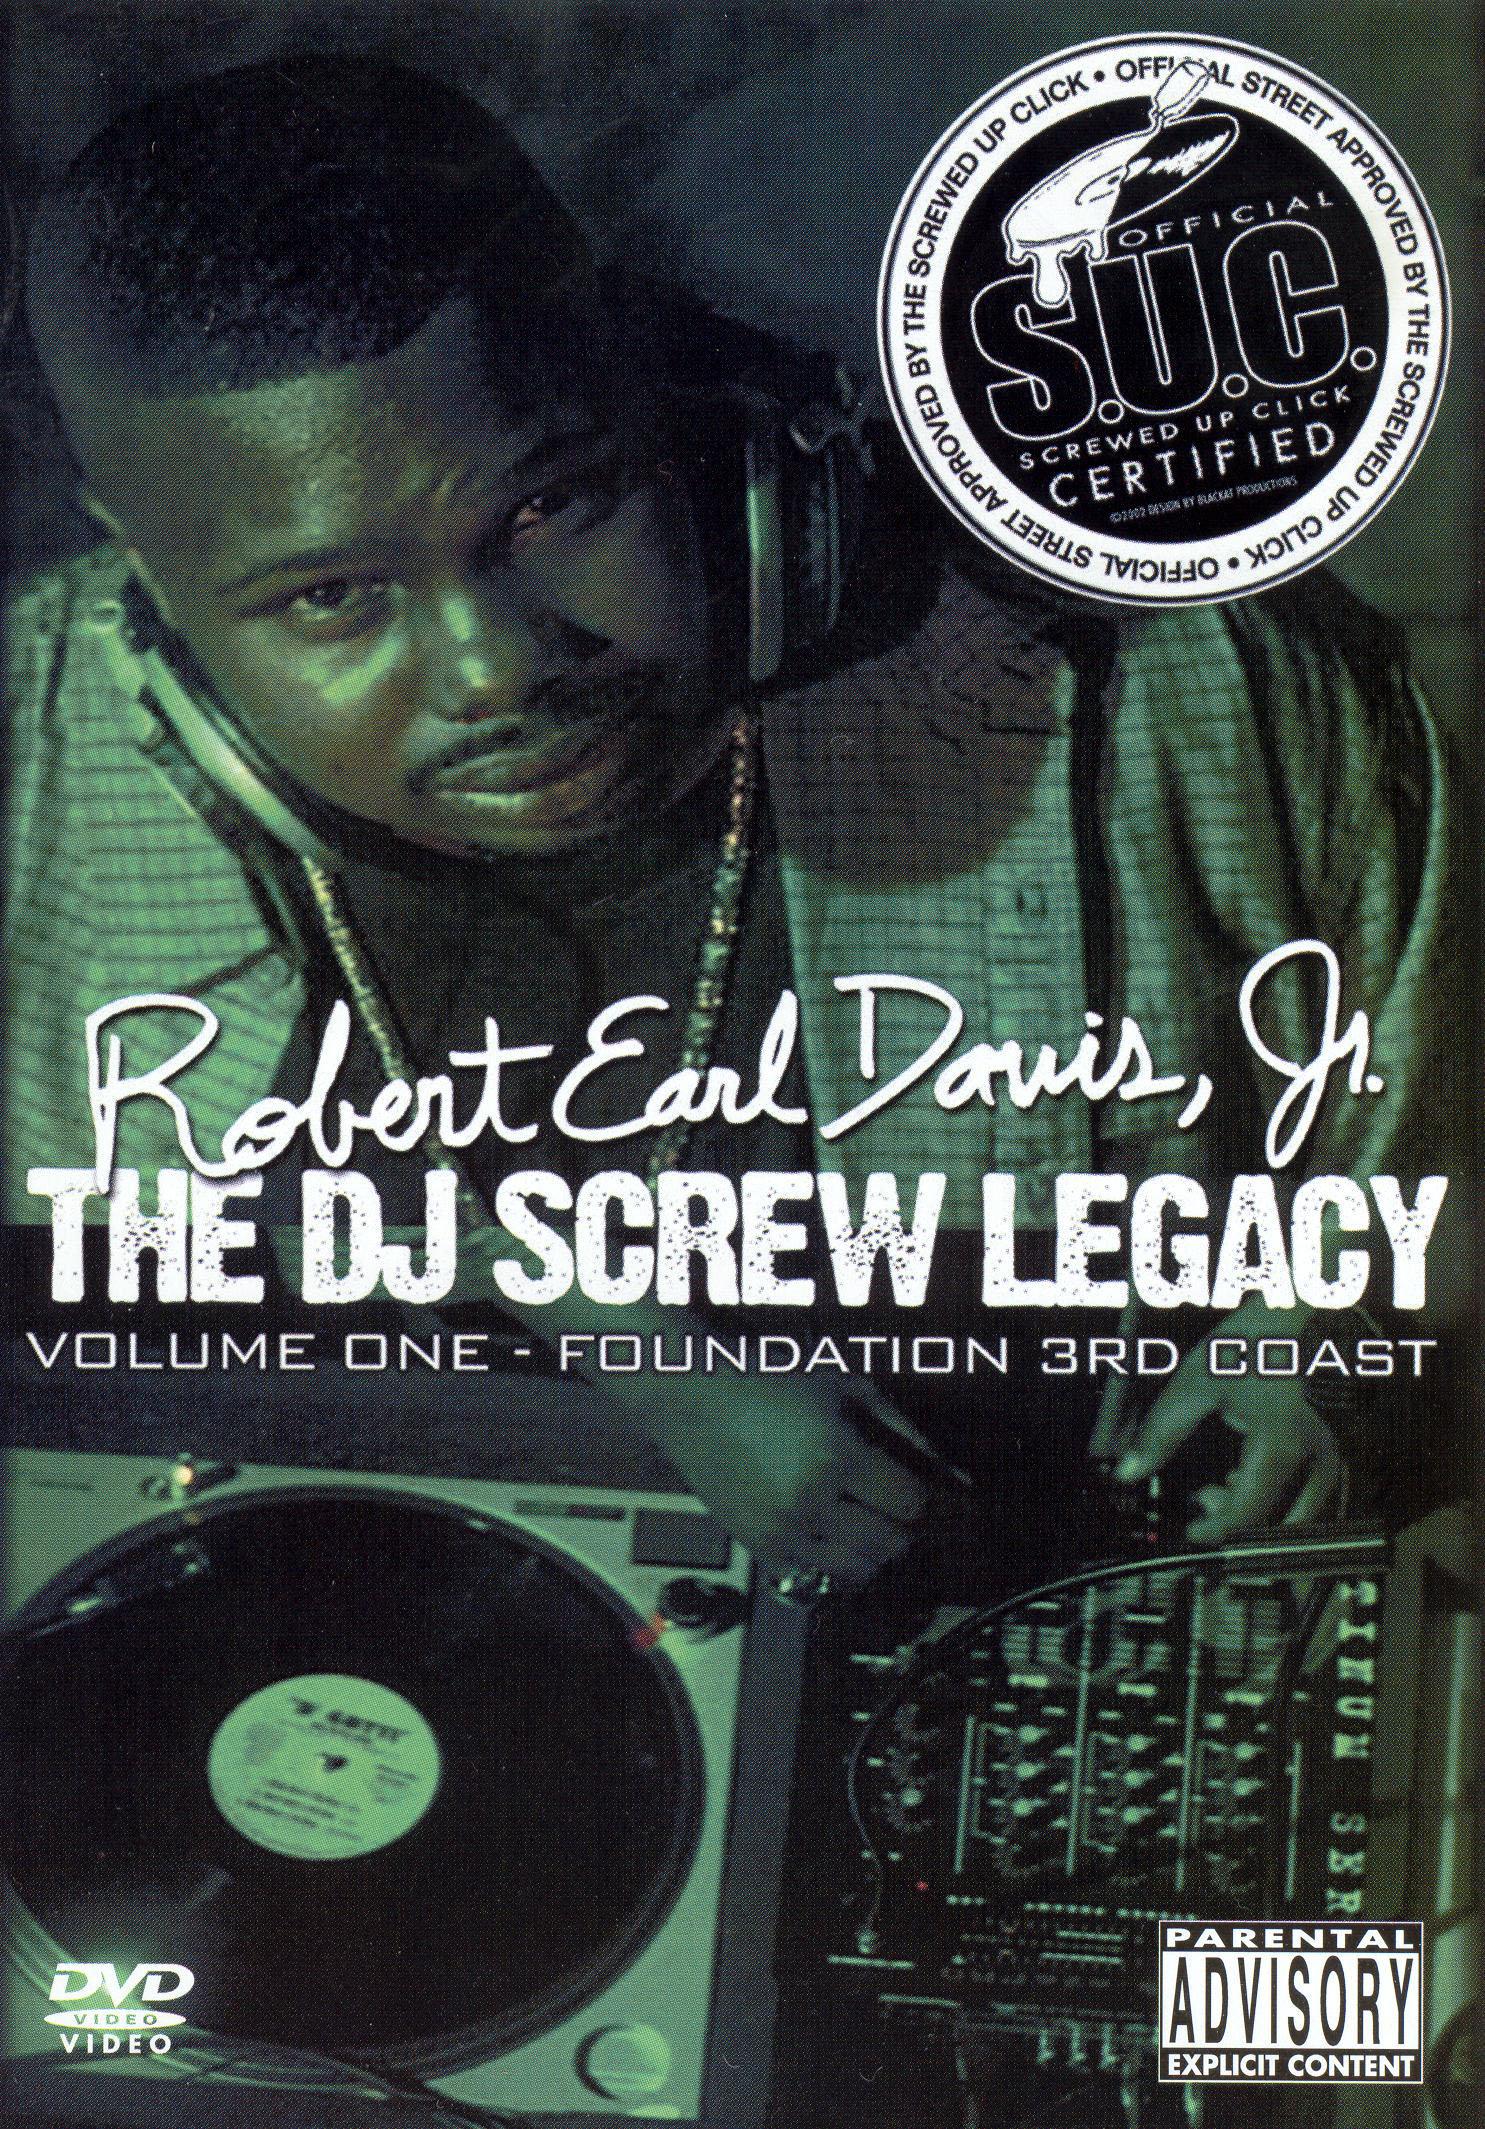 The DJ Screw Legacy, Vol. 1: Foundation 3rd